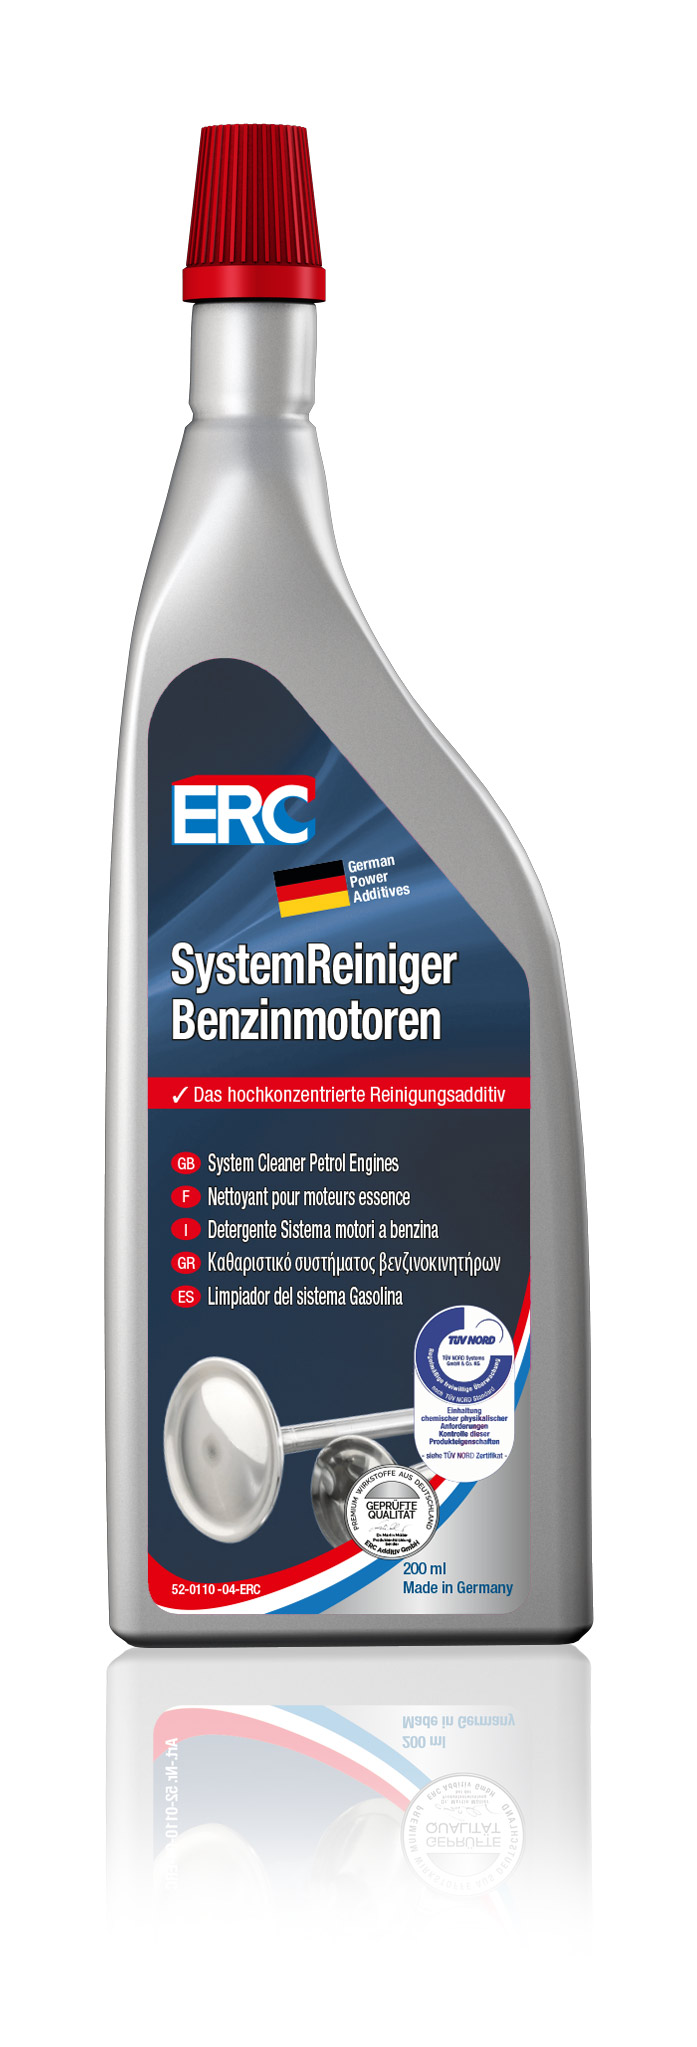 1 x 200 ml ERC System Reiniger Benzinmotoren Benzin Reiniger Benzinsystemreiniger